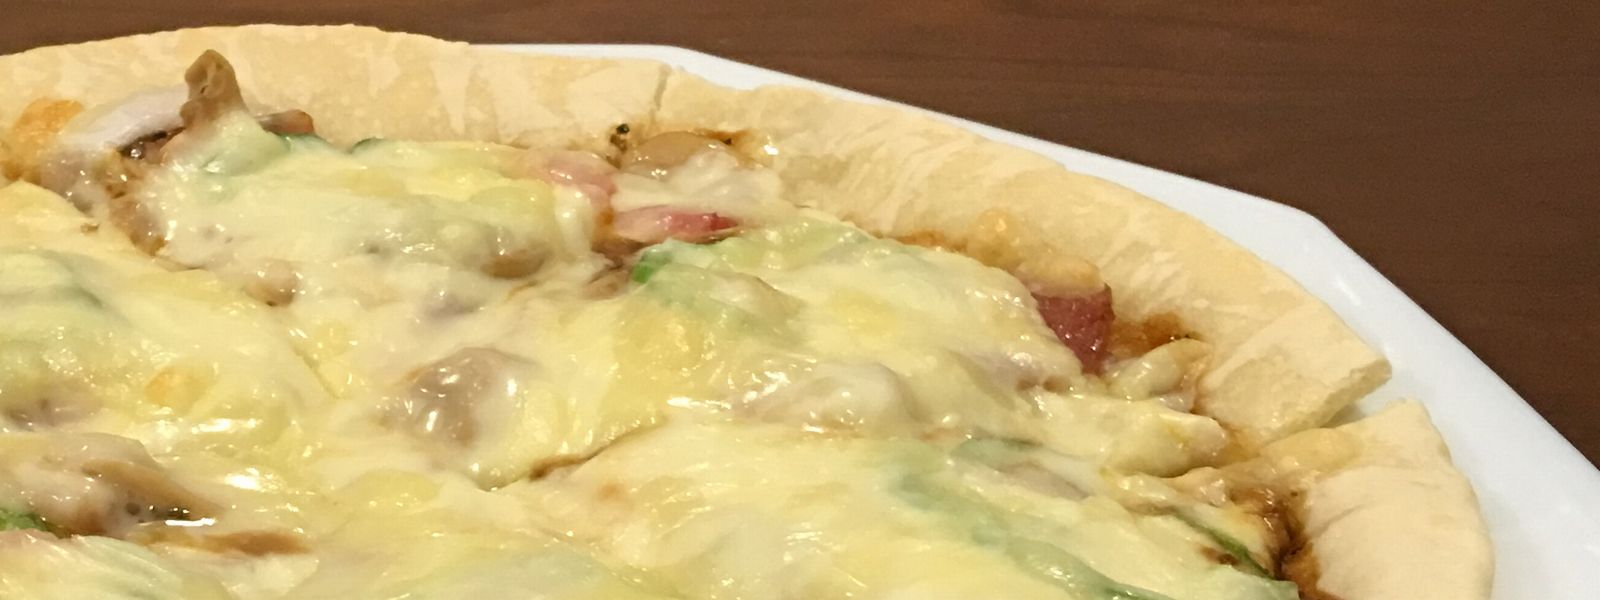 チーズたっぷり「こすたりか」のピザ